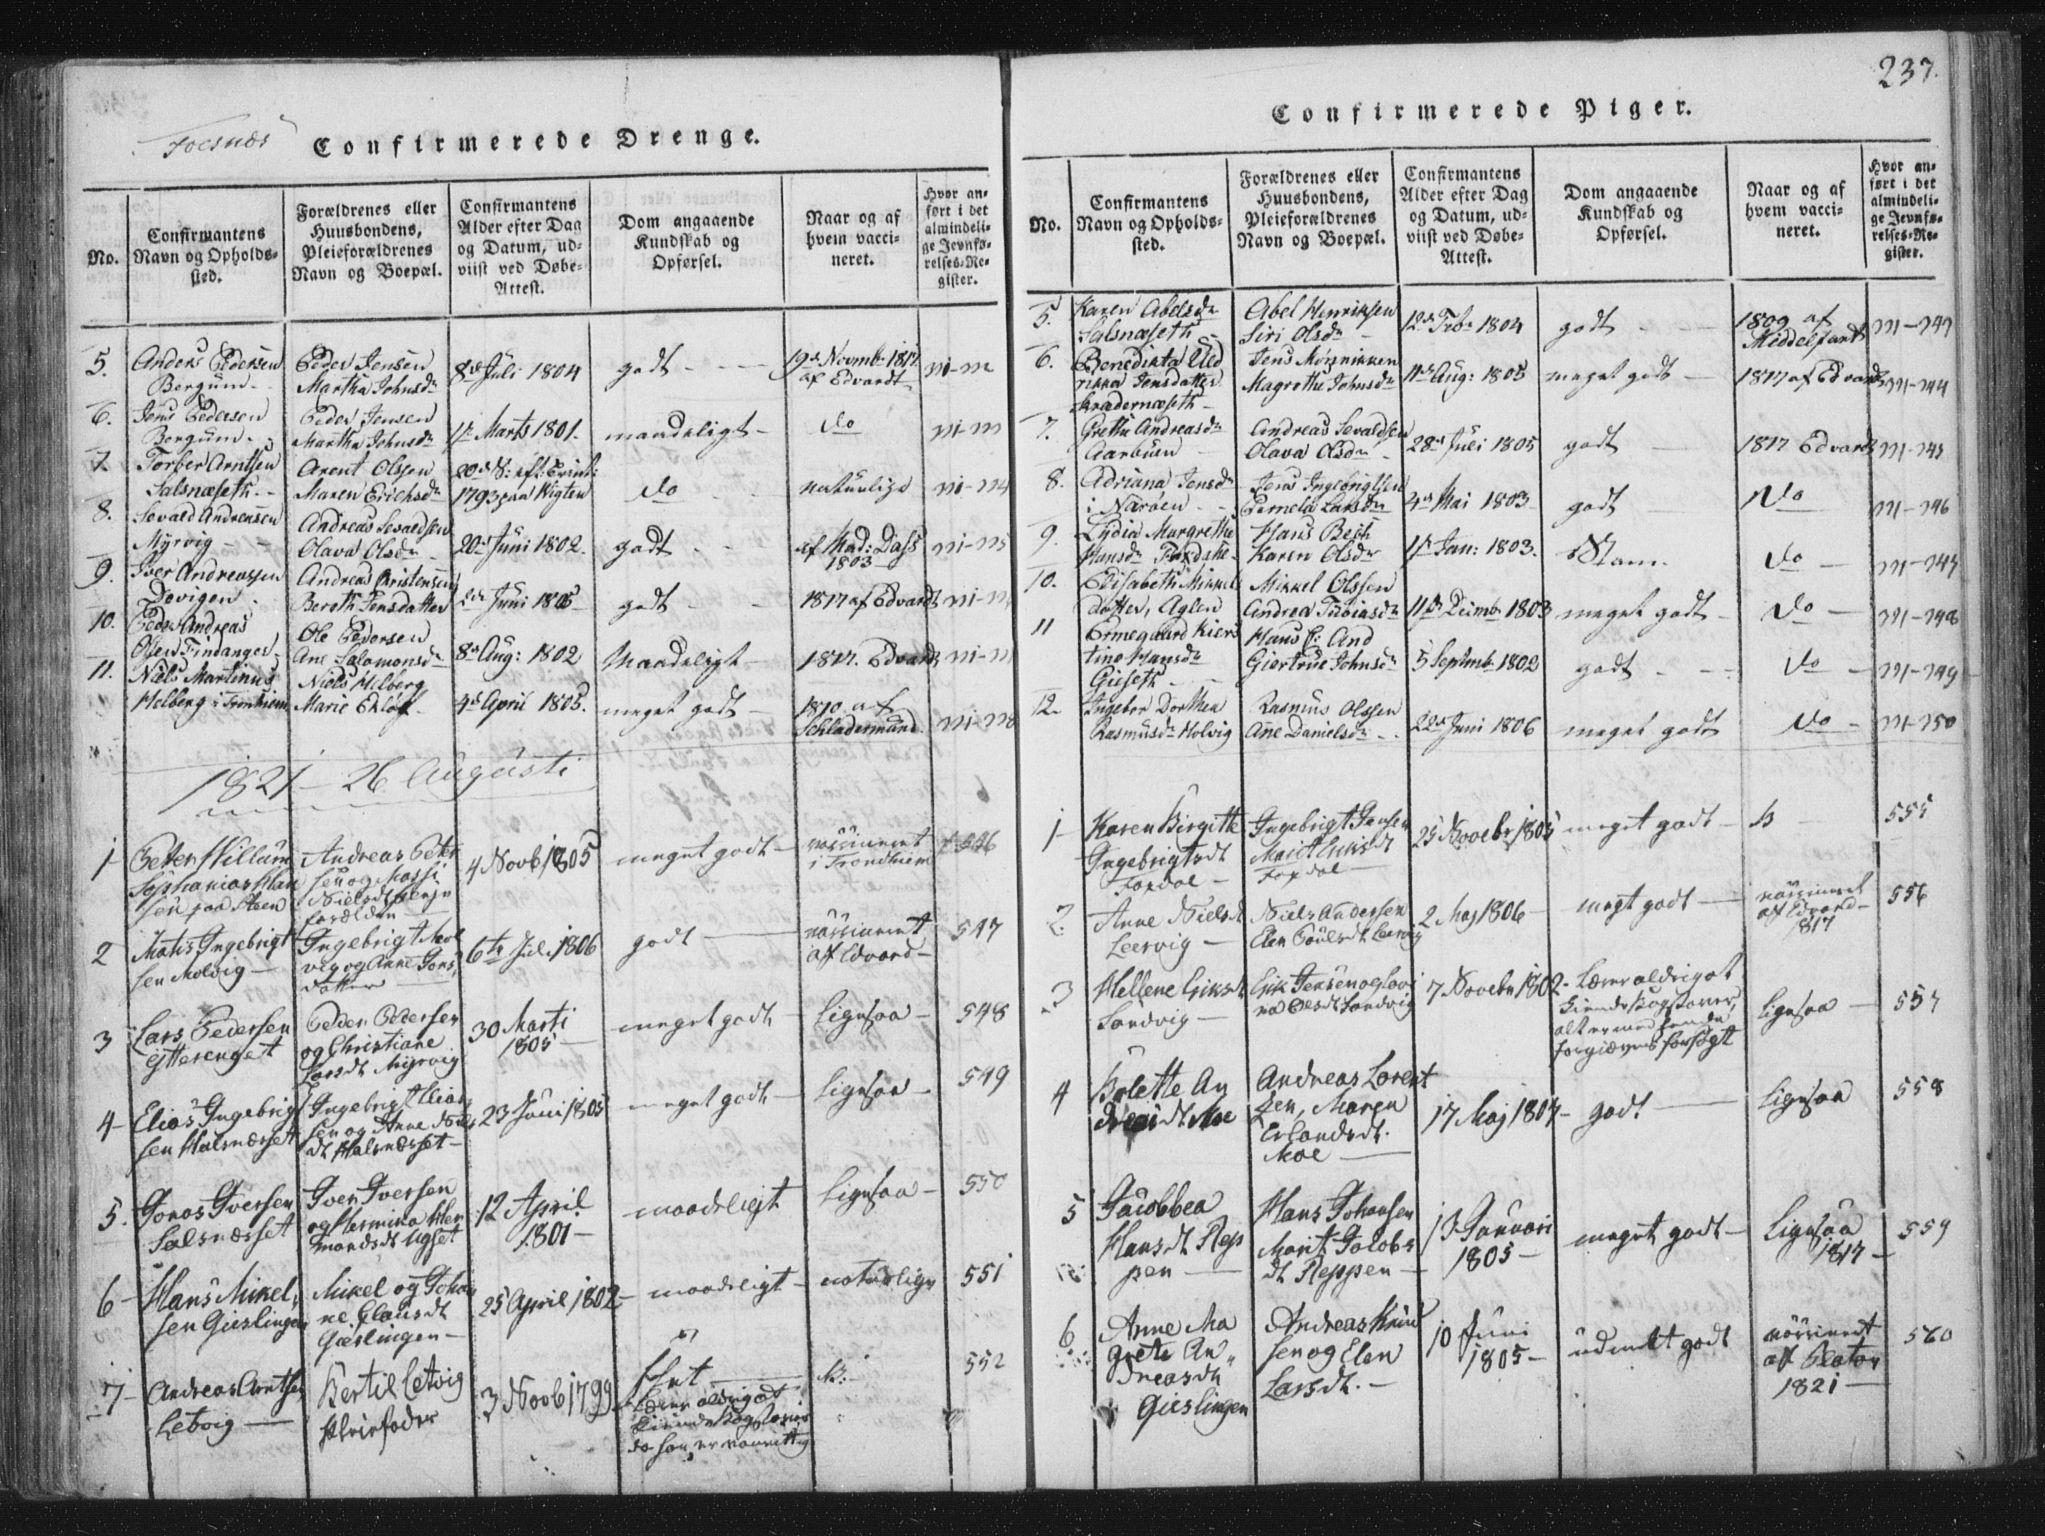 SAT, Ministerialprotokoller, klokkerbøker og fødselsregistre - Nord-Trøndelag, 773/L0609: Ministerialbok nr. 773A03 /1, 1815-1830, s. 237